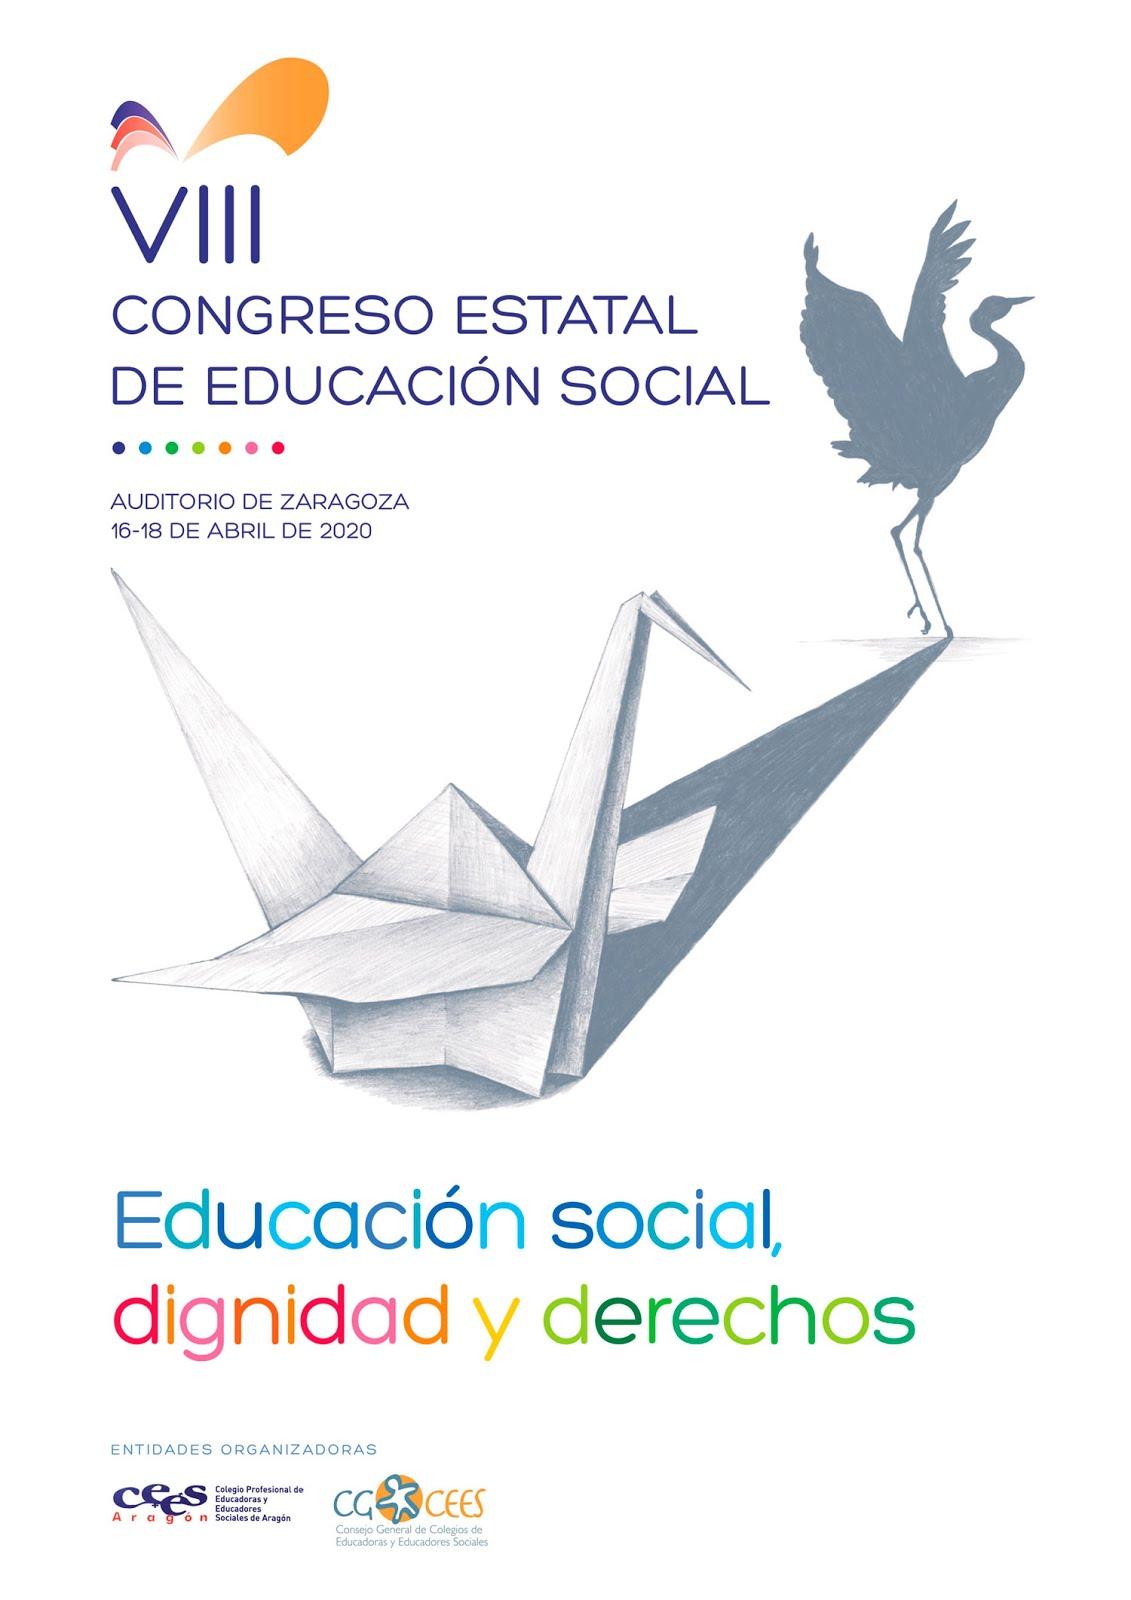 VIII Congreso Nacional de Educación Social